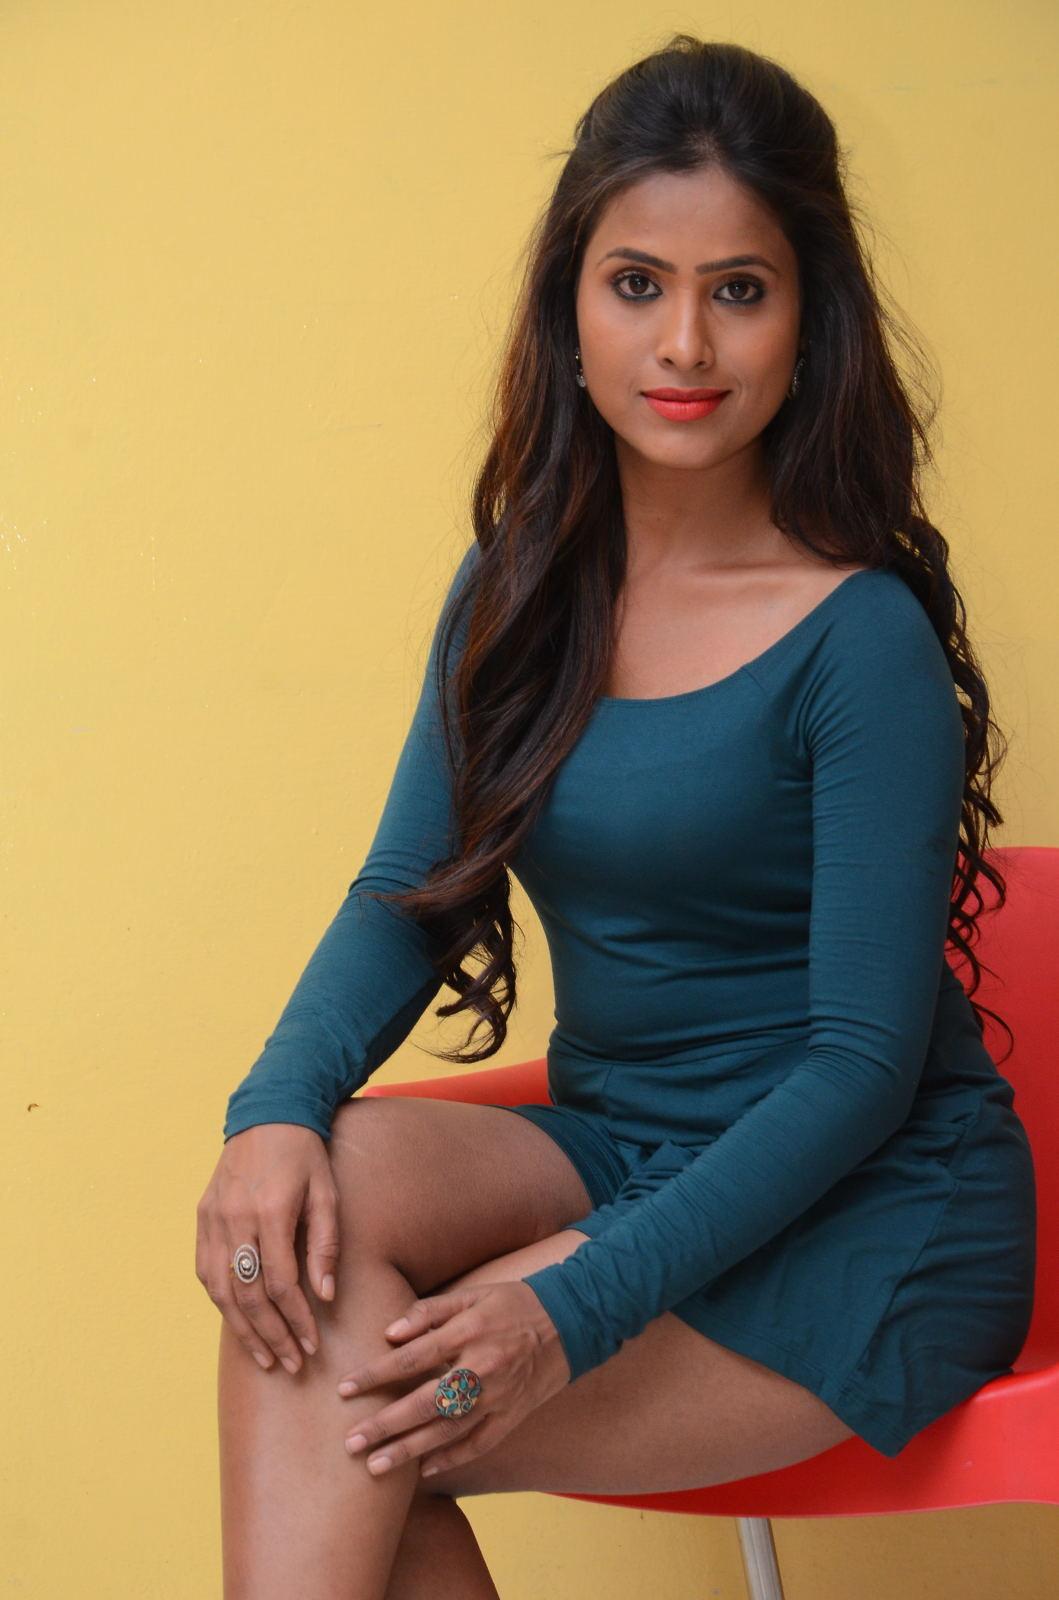 prashanthi Super Hot Prashanthi In Sexy Outfit | Indian Cinema | Models | Actresses Prashanthi Hot Photo Stills 132